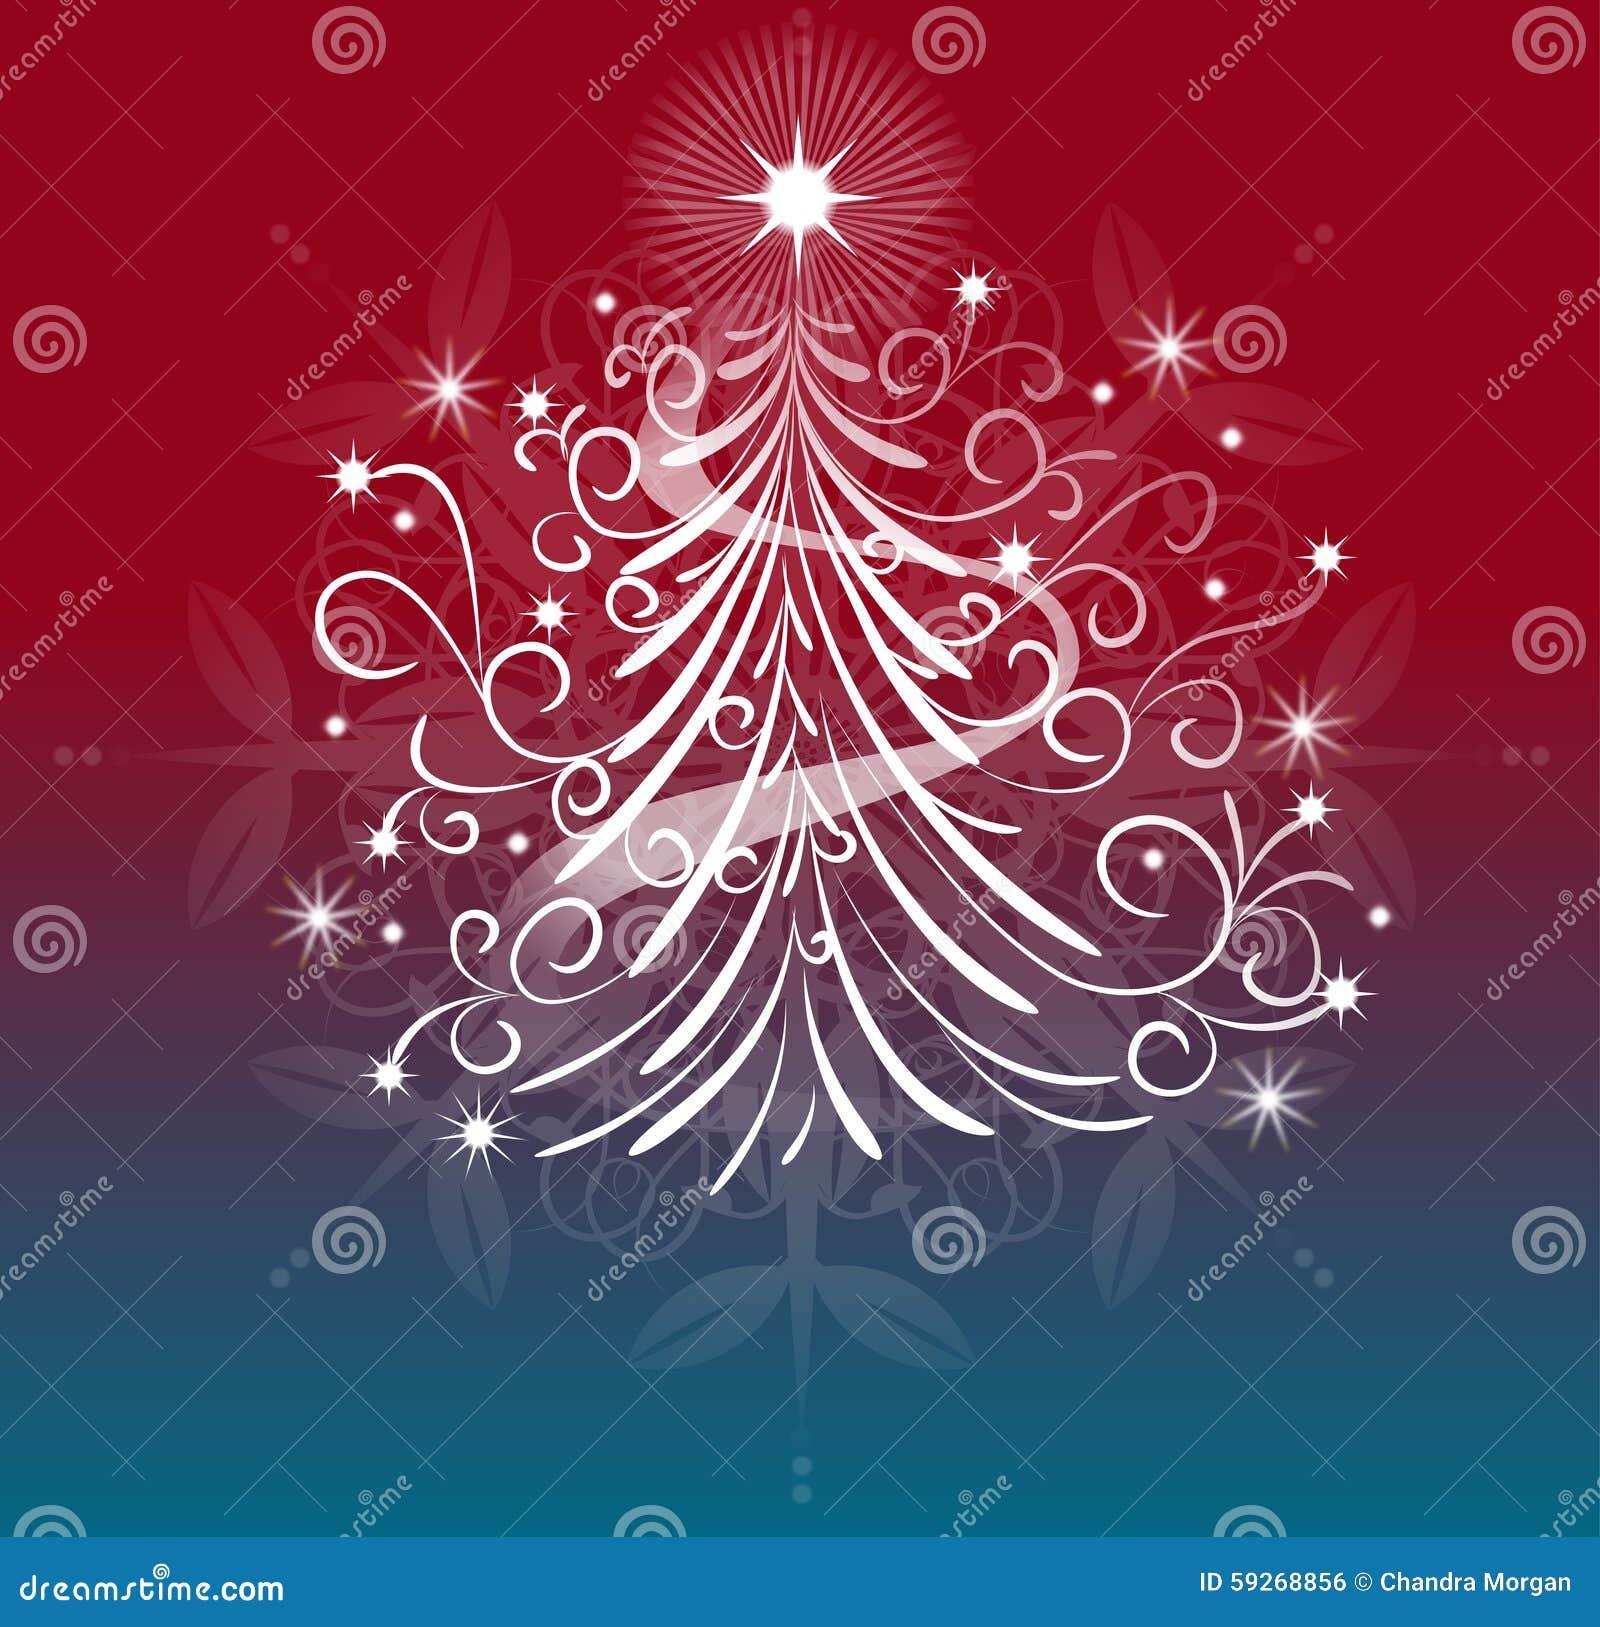 Элегантный дизайн рождественской елки